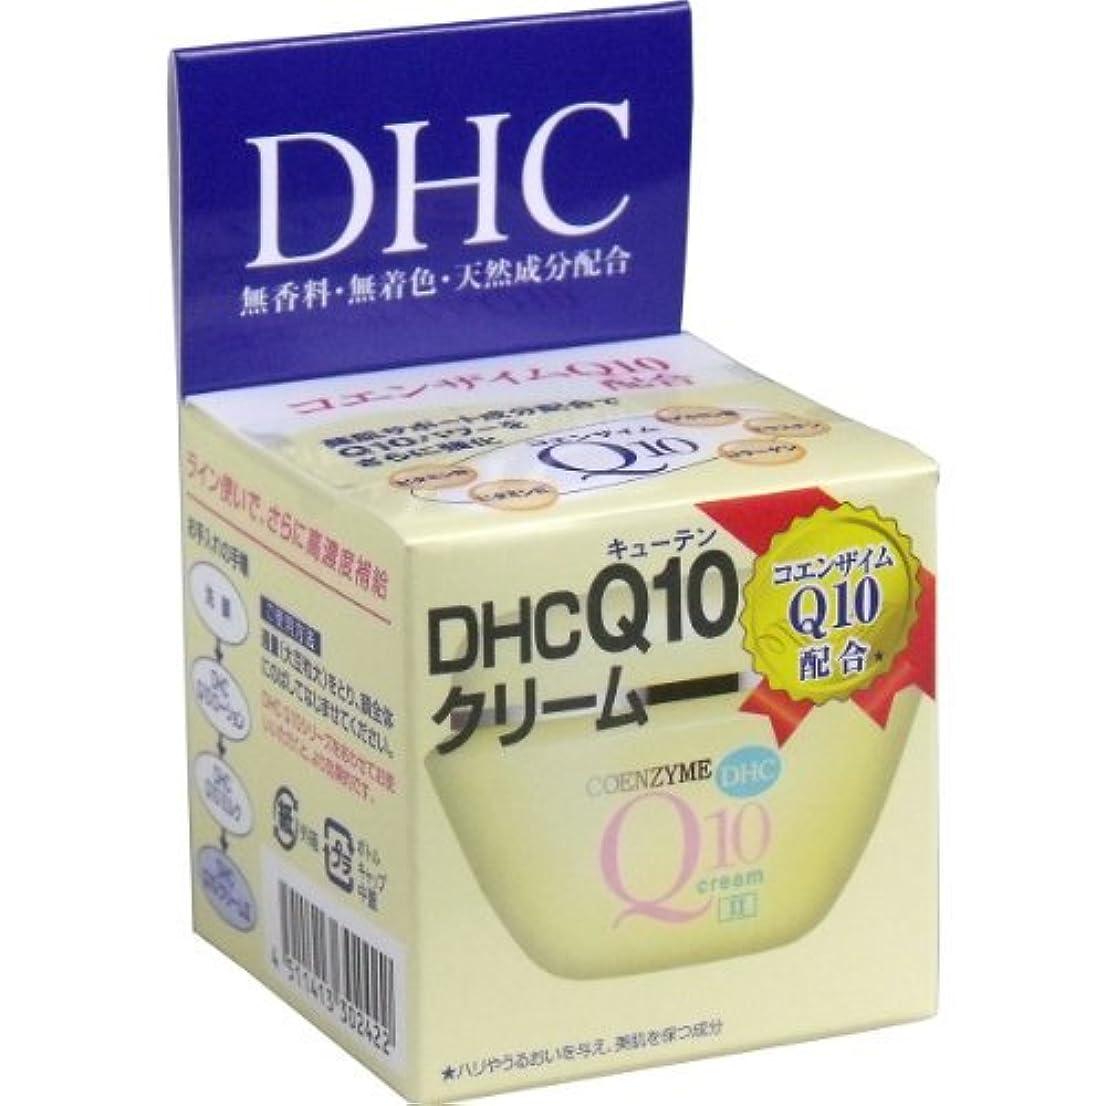 無静かに瞑想する【DHC】DHC Q10クリーム2 (SS) 20g ×5個セット